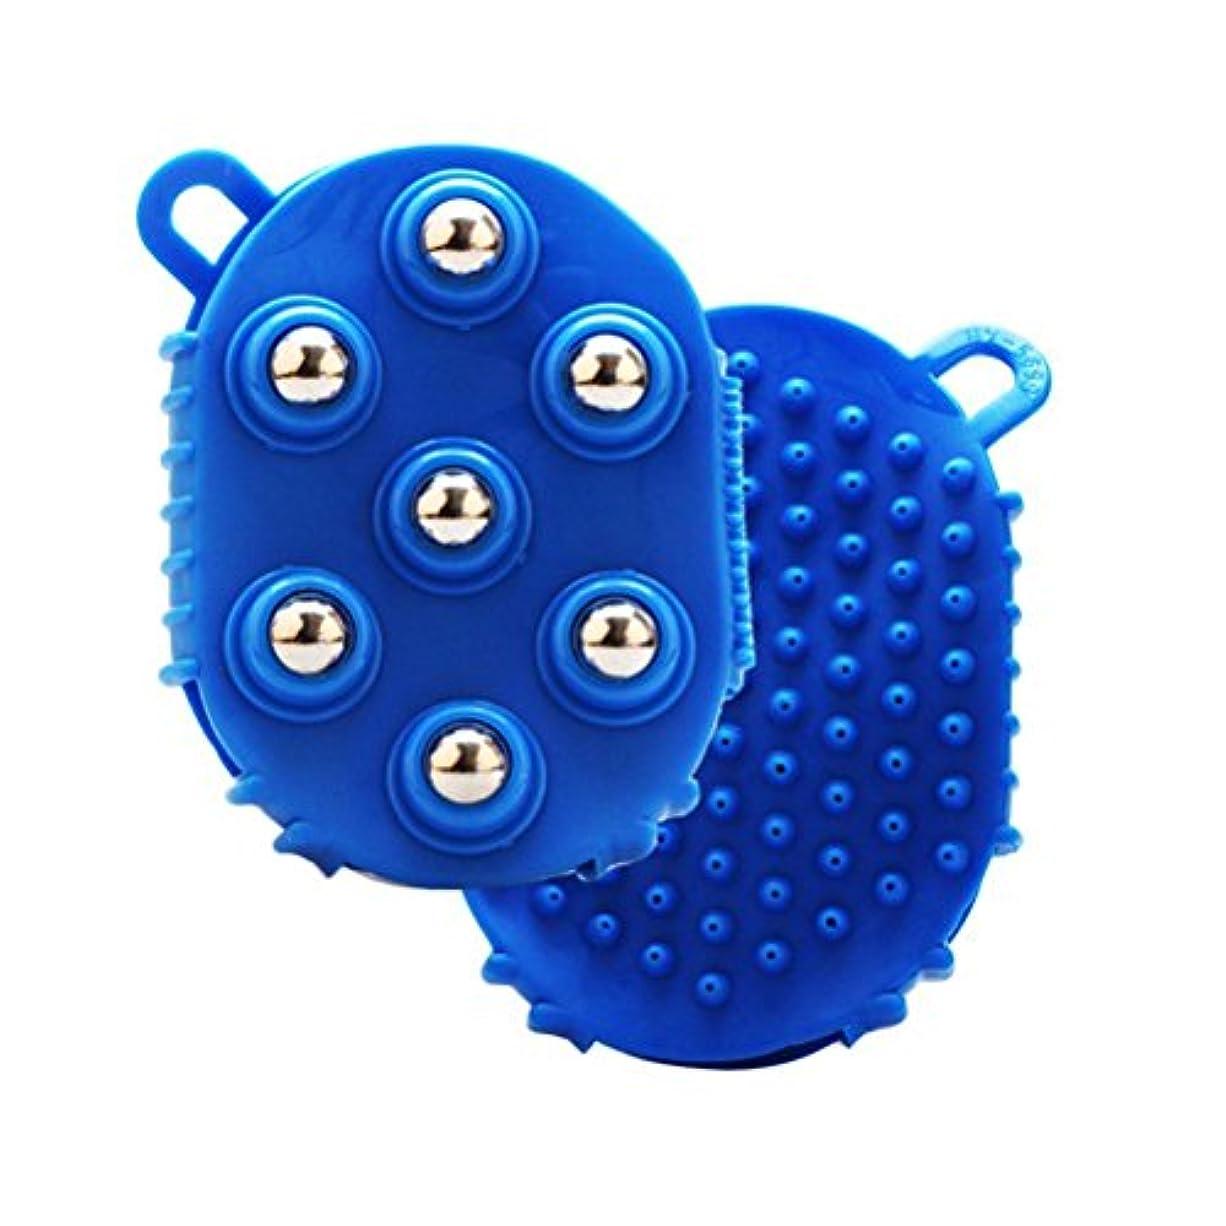 一掃するマイナスグレードULTNICE マッサージブラシ グローブバスブラシ 金属ローリングボール 痛みの筋肉の痛みを軽減する(青)